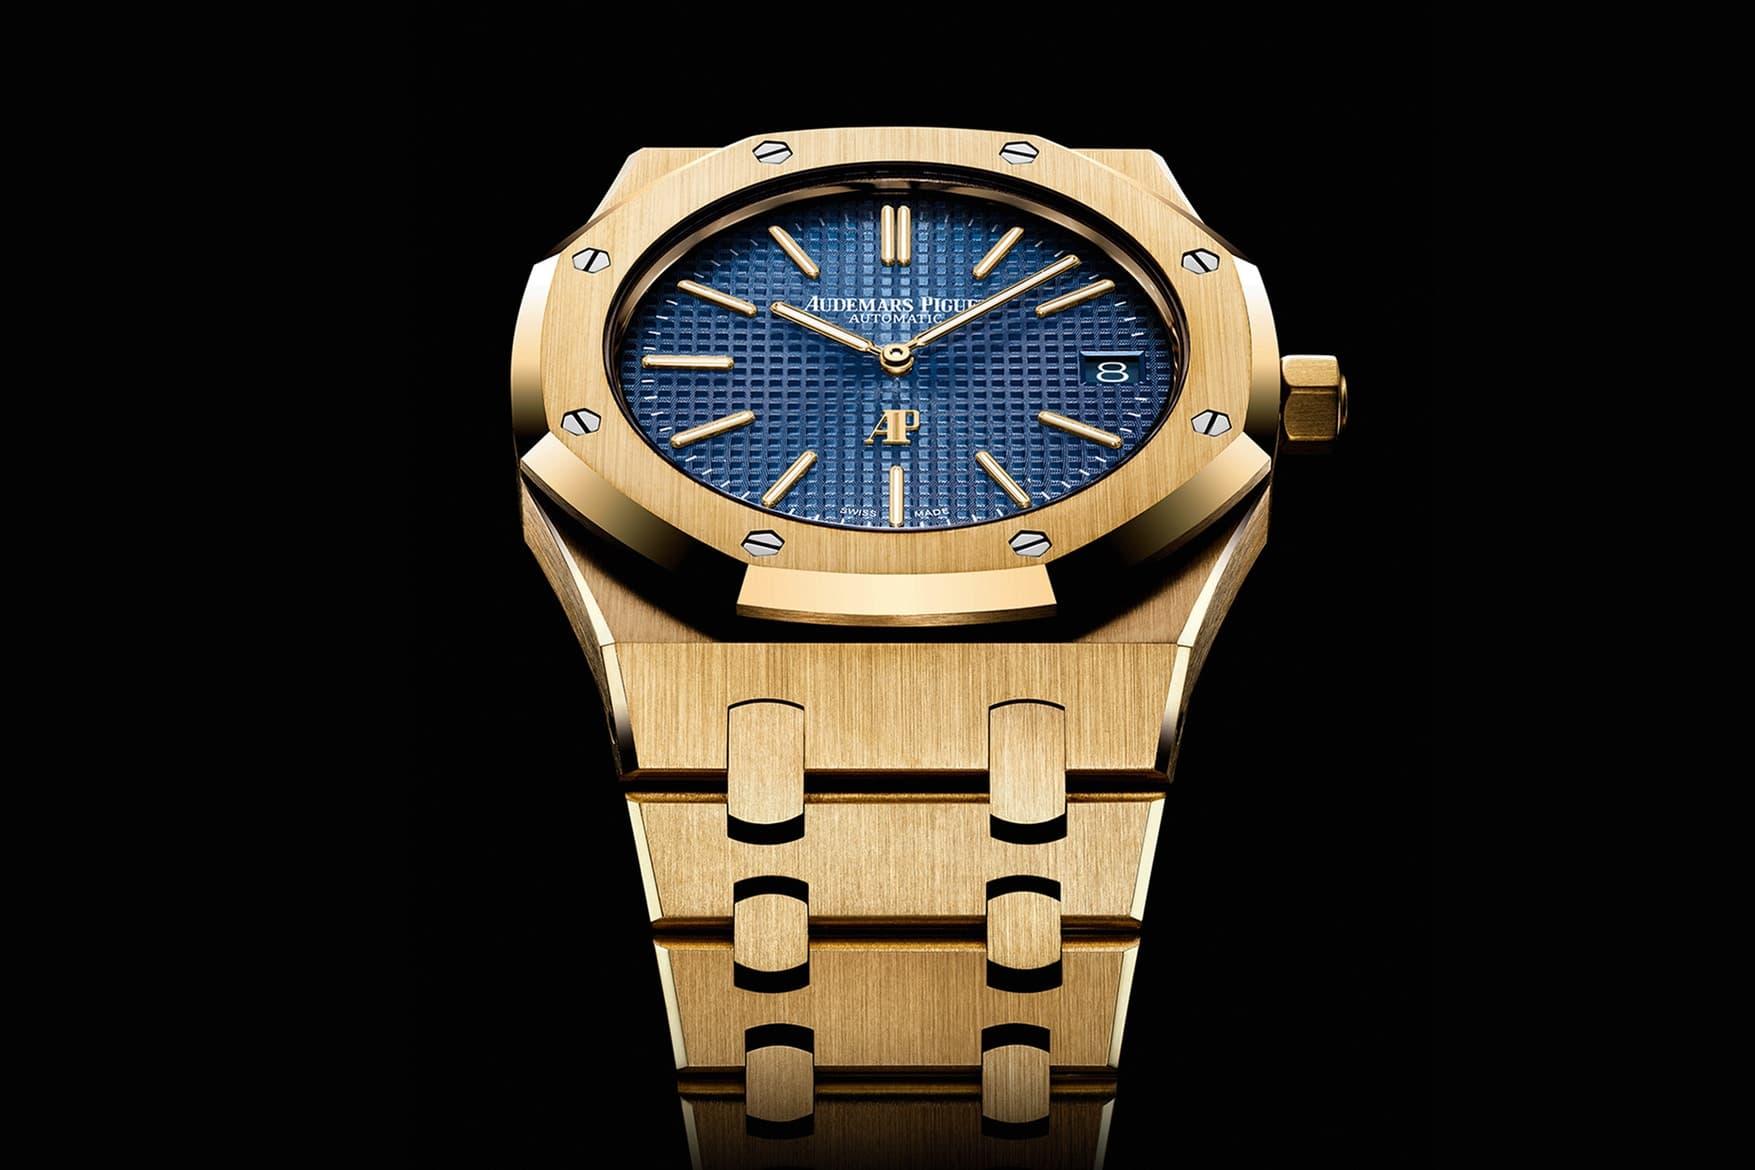 Audemars Piguet to Launch Second-Hand Watch Business